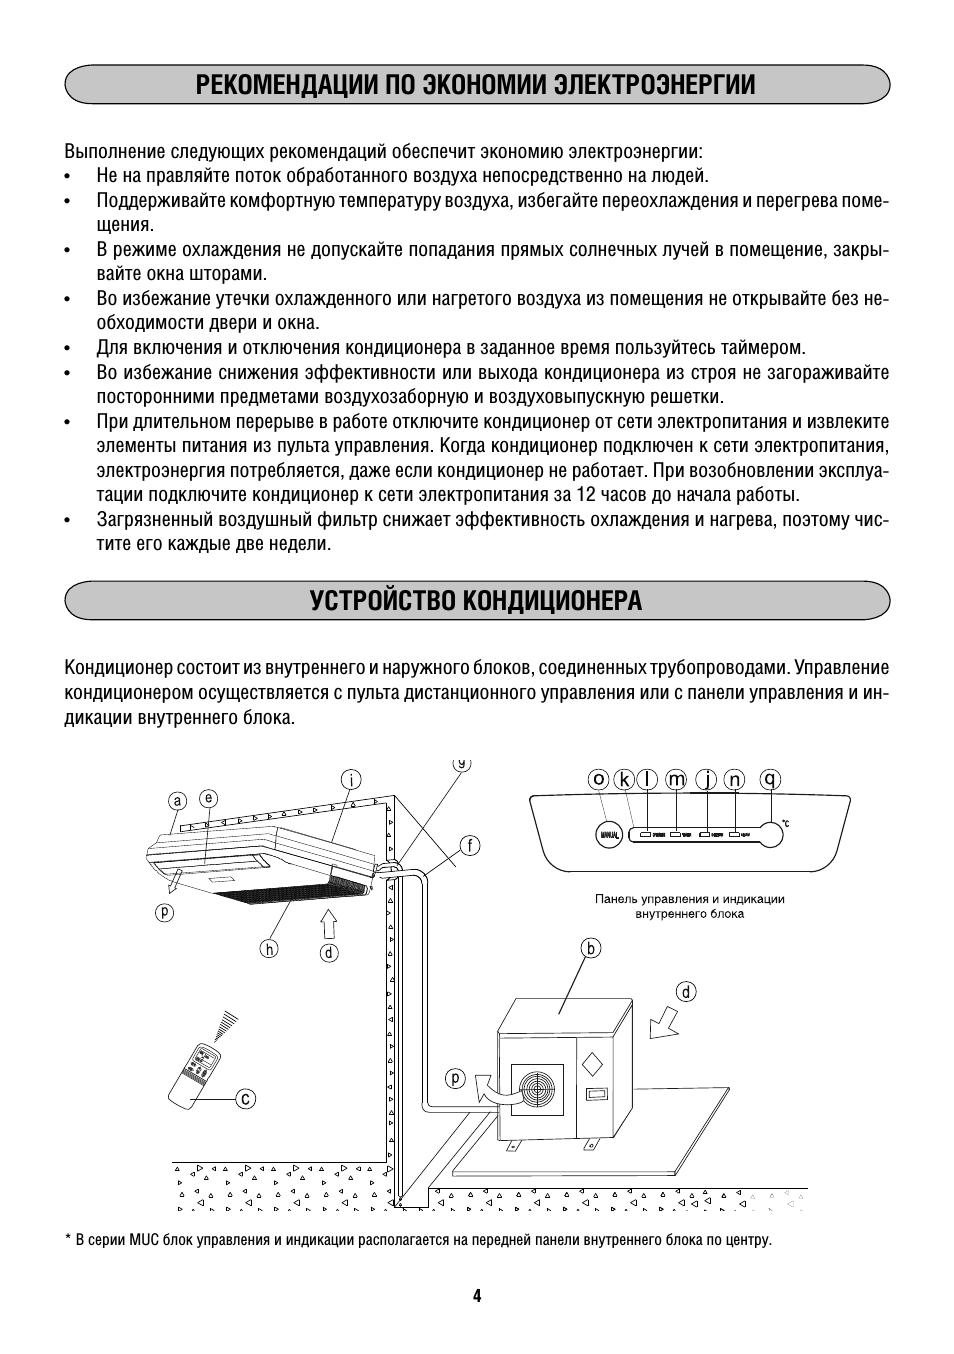 Рекомендации по экономии электроэнергии, Устройство кондиционера